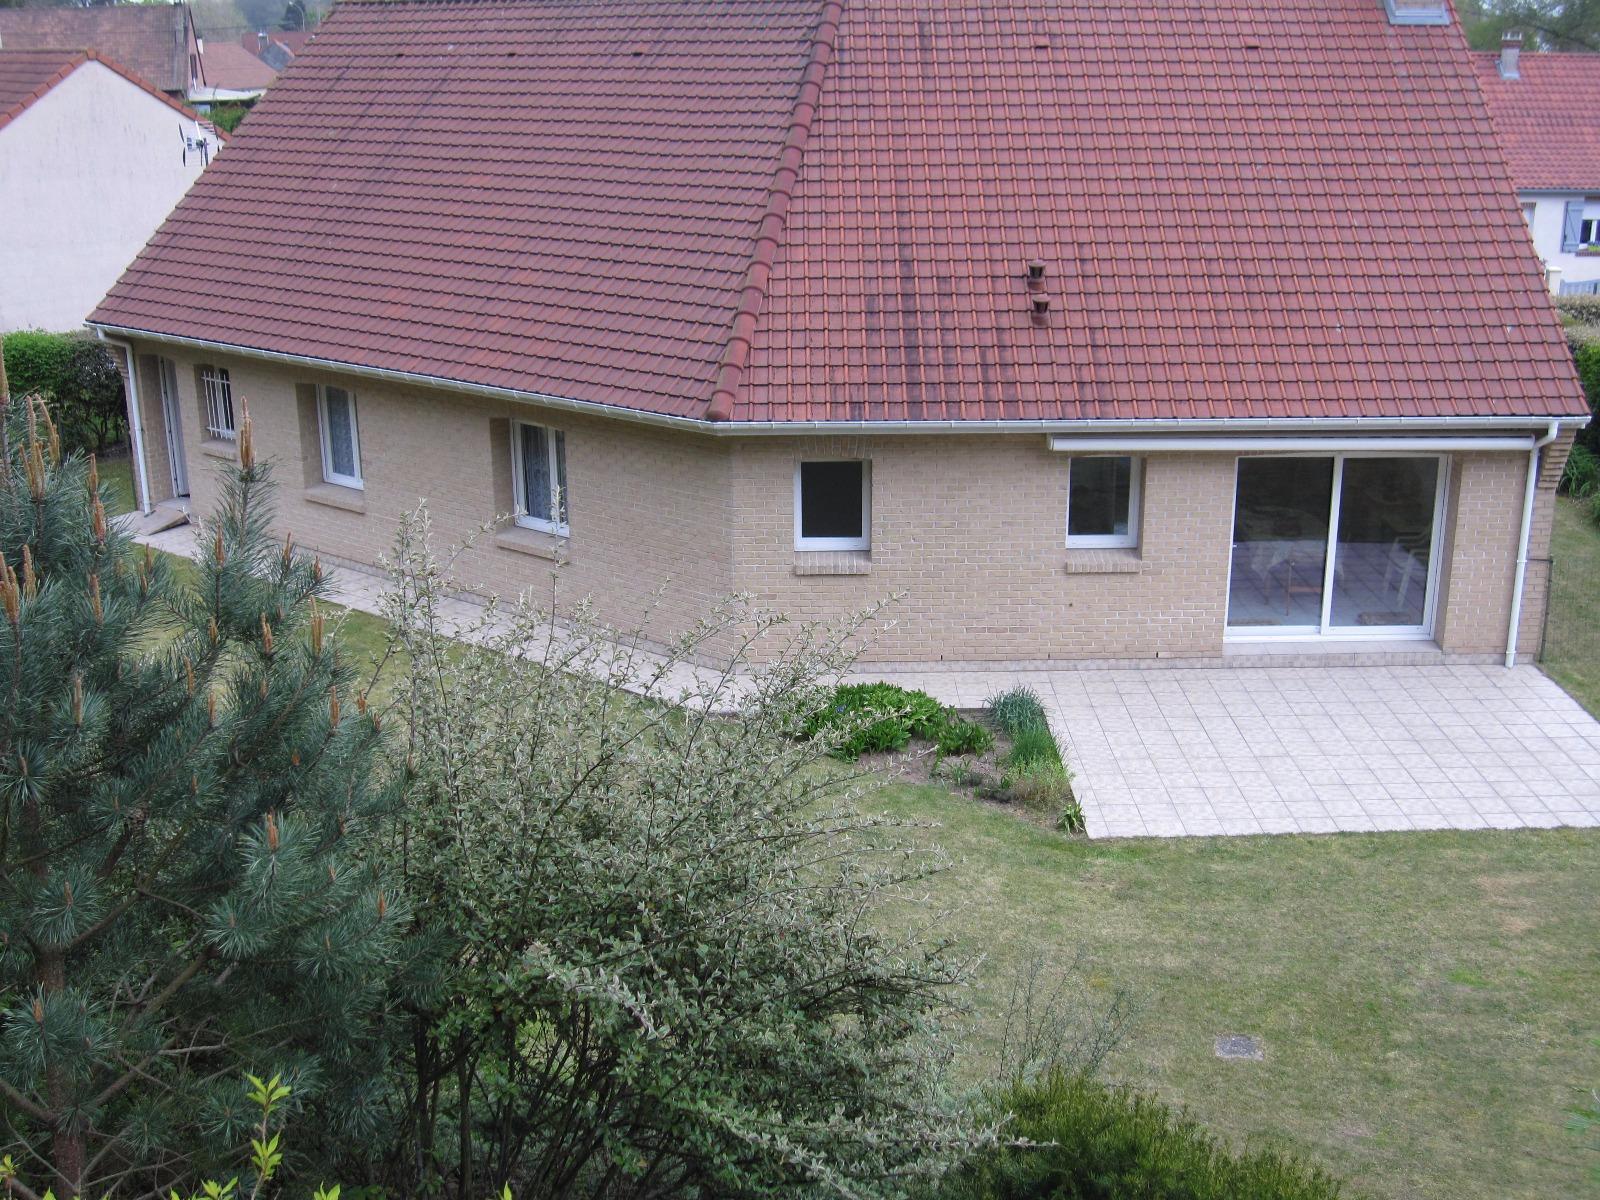 Vente maison/villa 4 pièces merlimont 62155